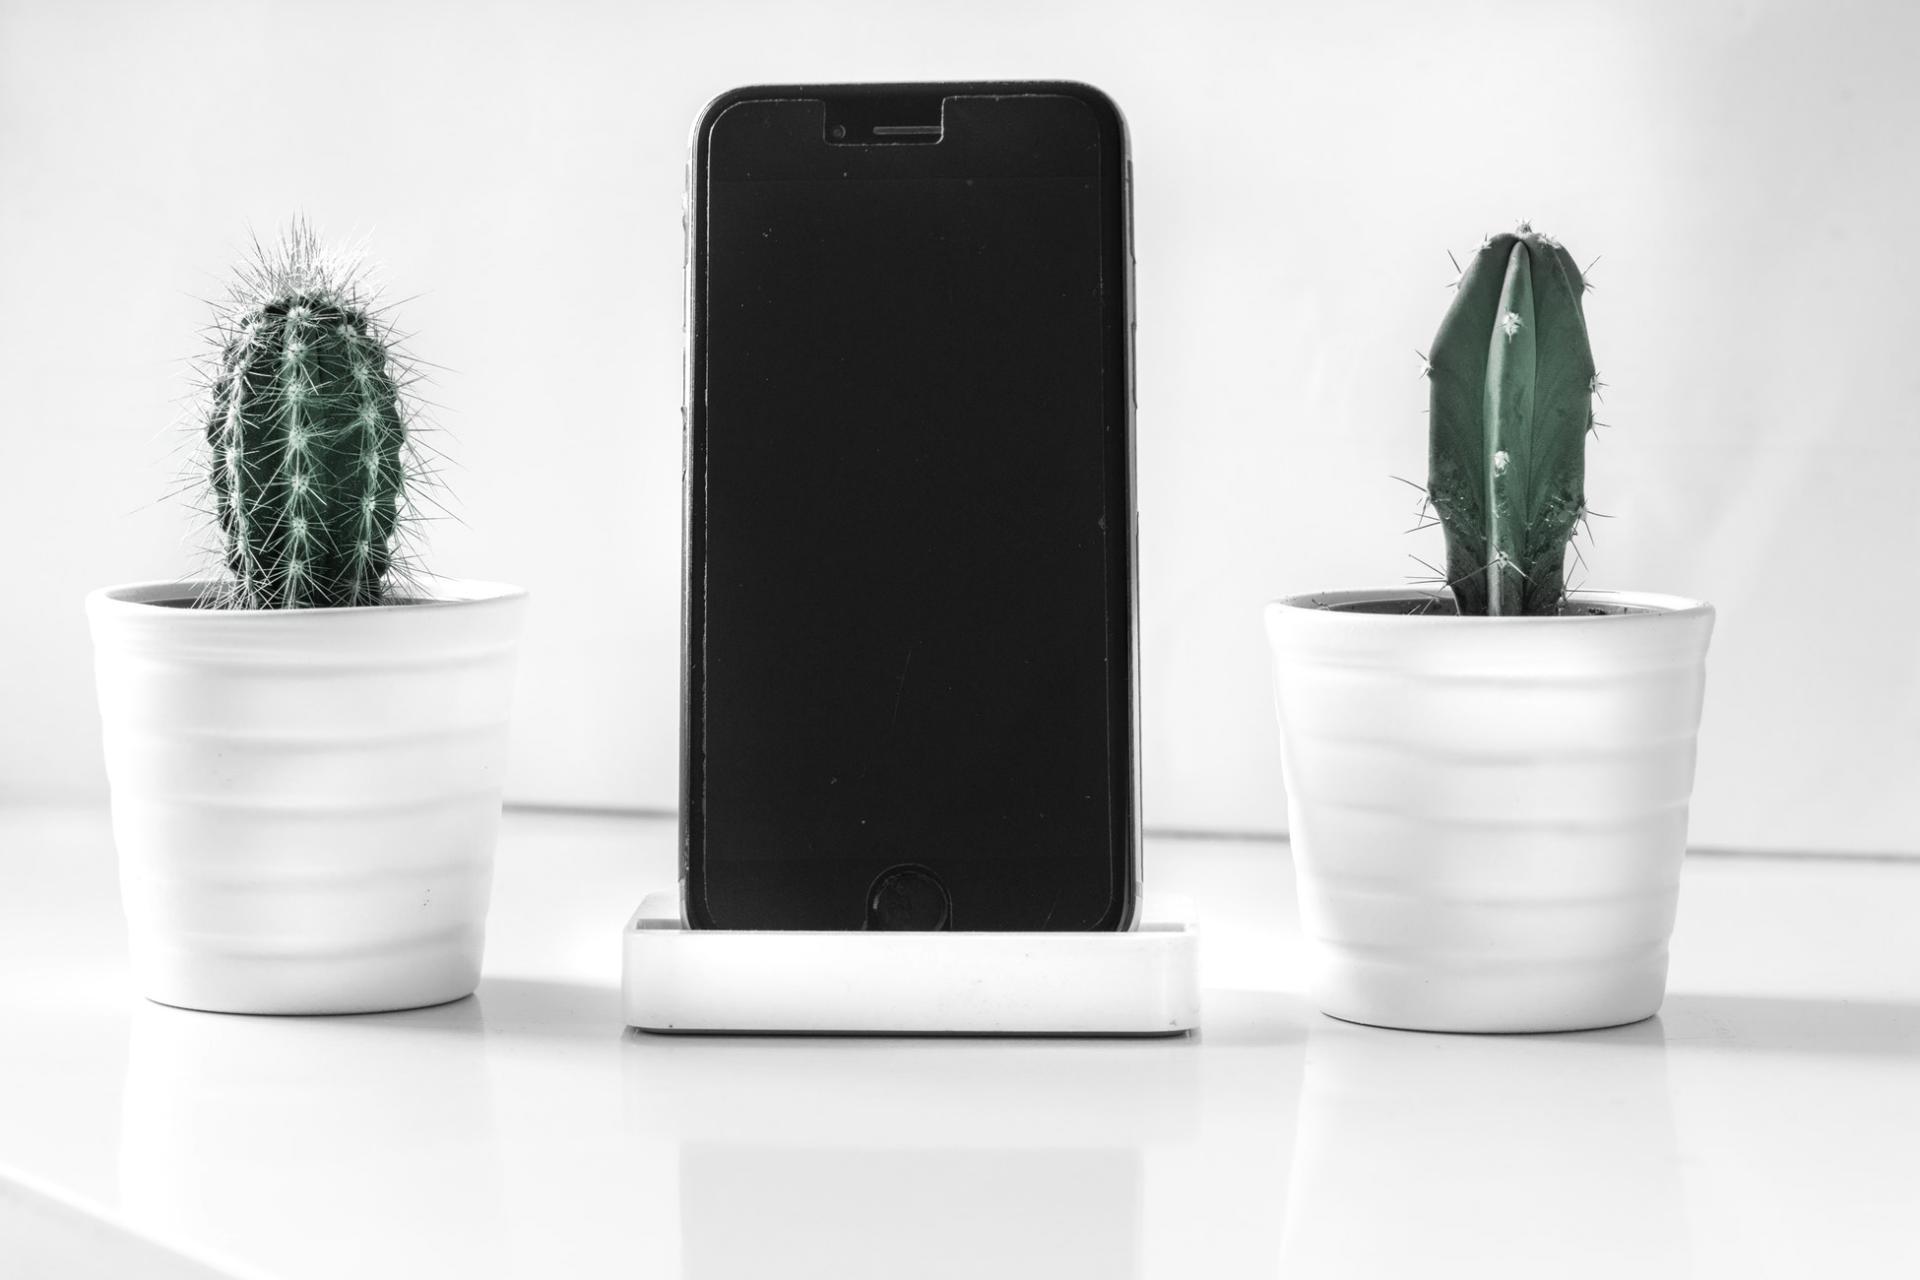 5 хорошихсмартфонов, которые значительно подешевели